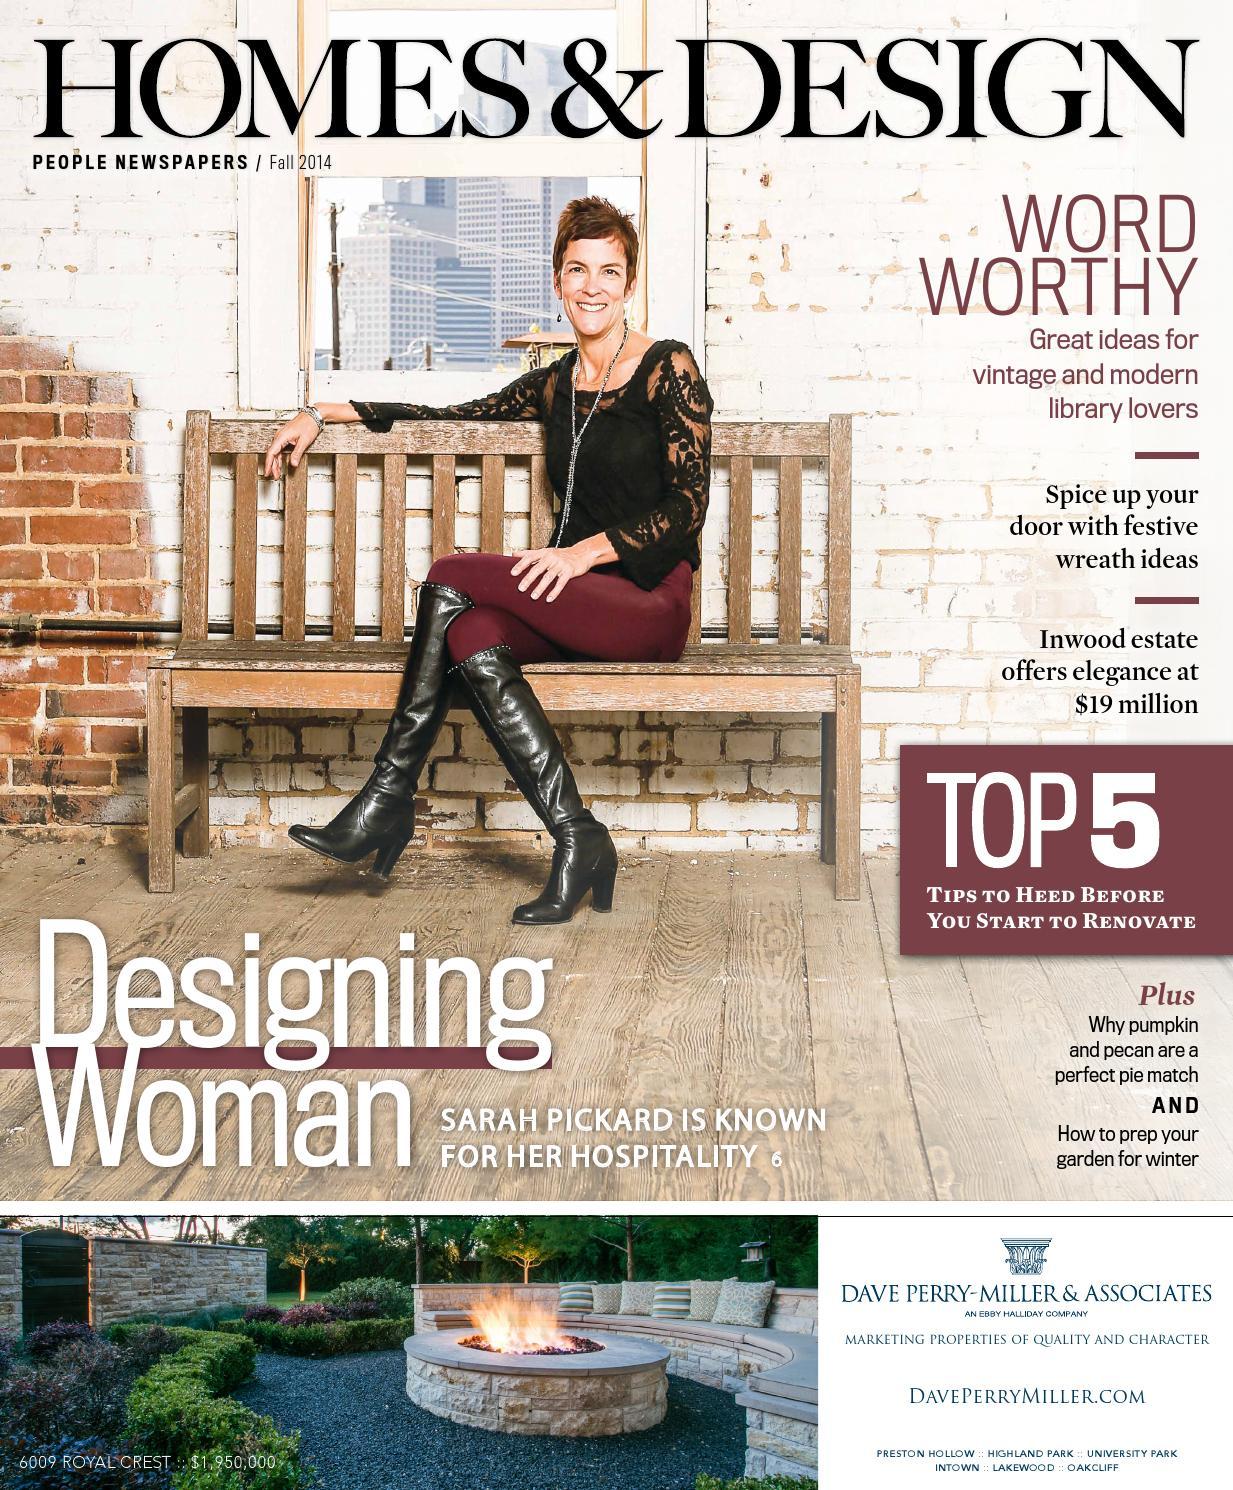 homes  u0026 design - nov  2014 by people newspapers